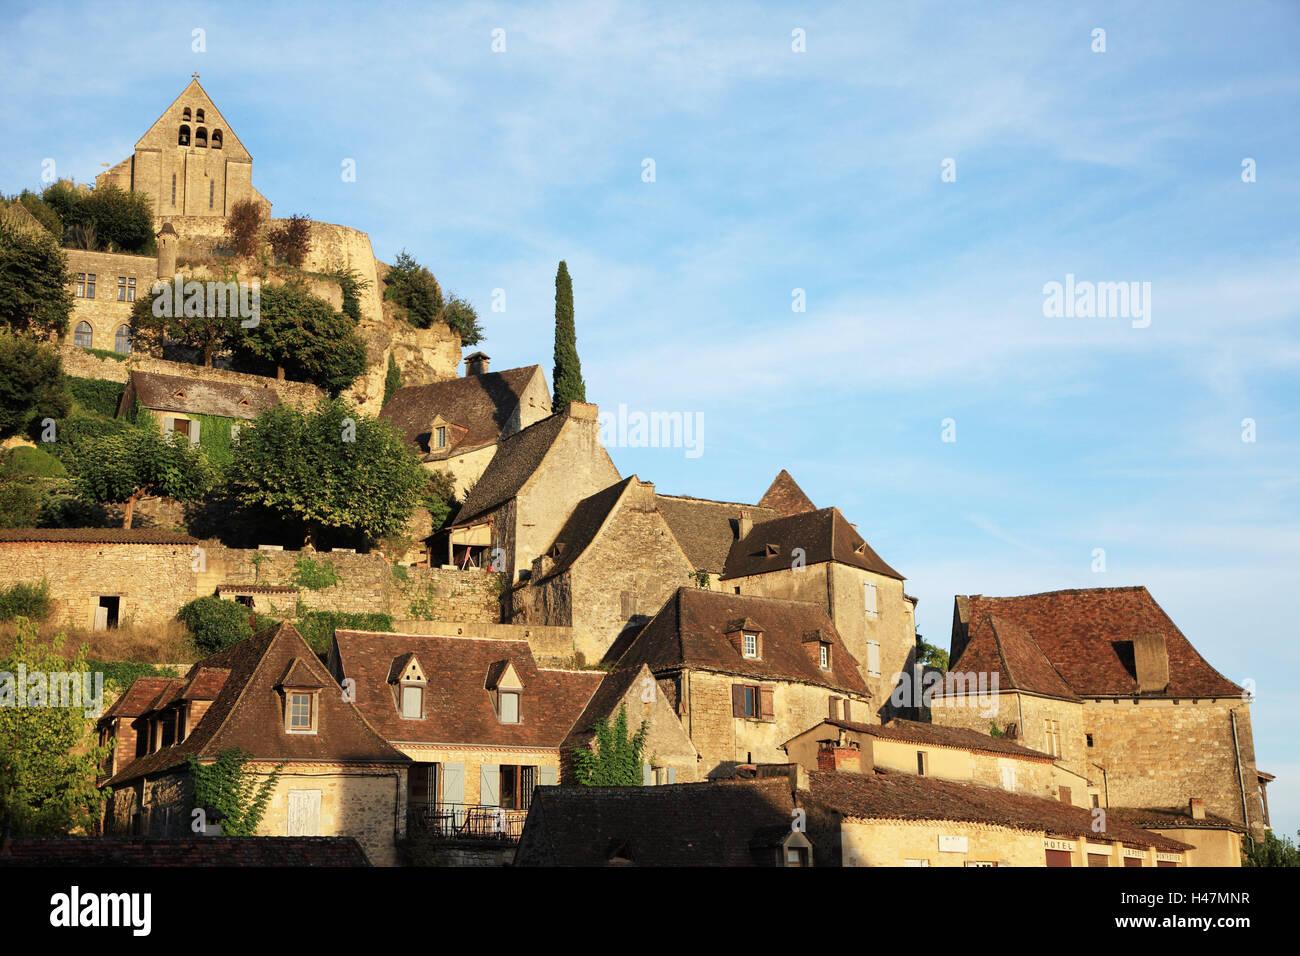 Frankreich, Beynac-et-Cazenac, Dordogne, Häuser, draußen, Europa, Reisen, Natur, Steinhäuser, Gebäude, Wohnhäuser, Aquitaine, Architektur, Landschaft, niemand, Stockfoto